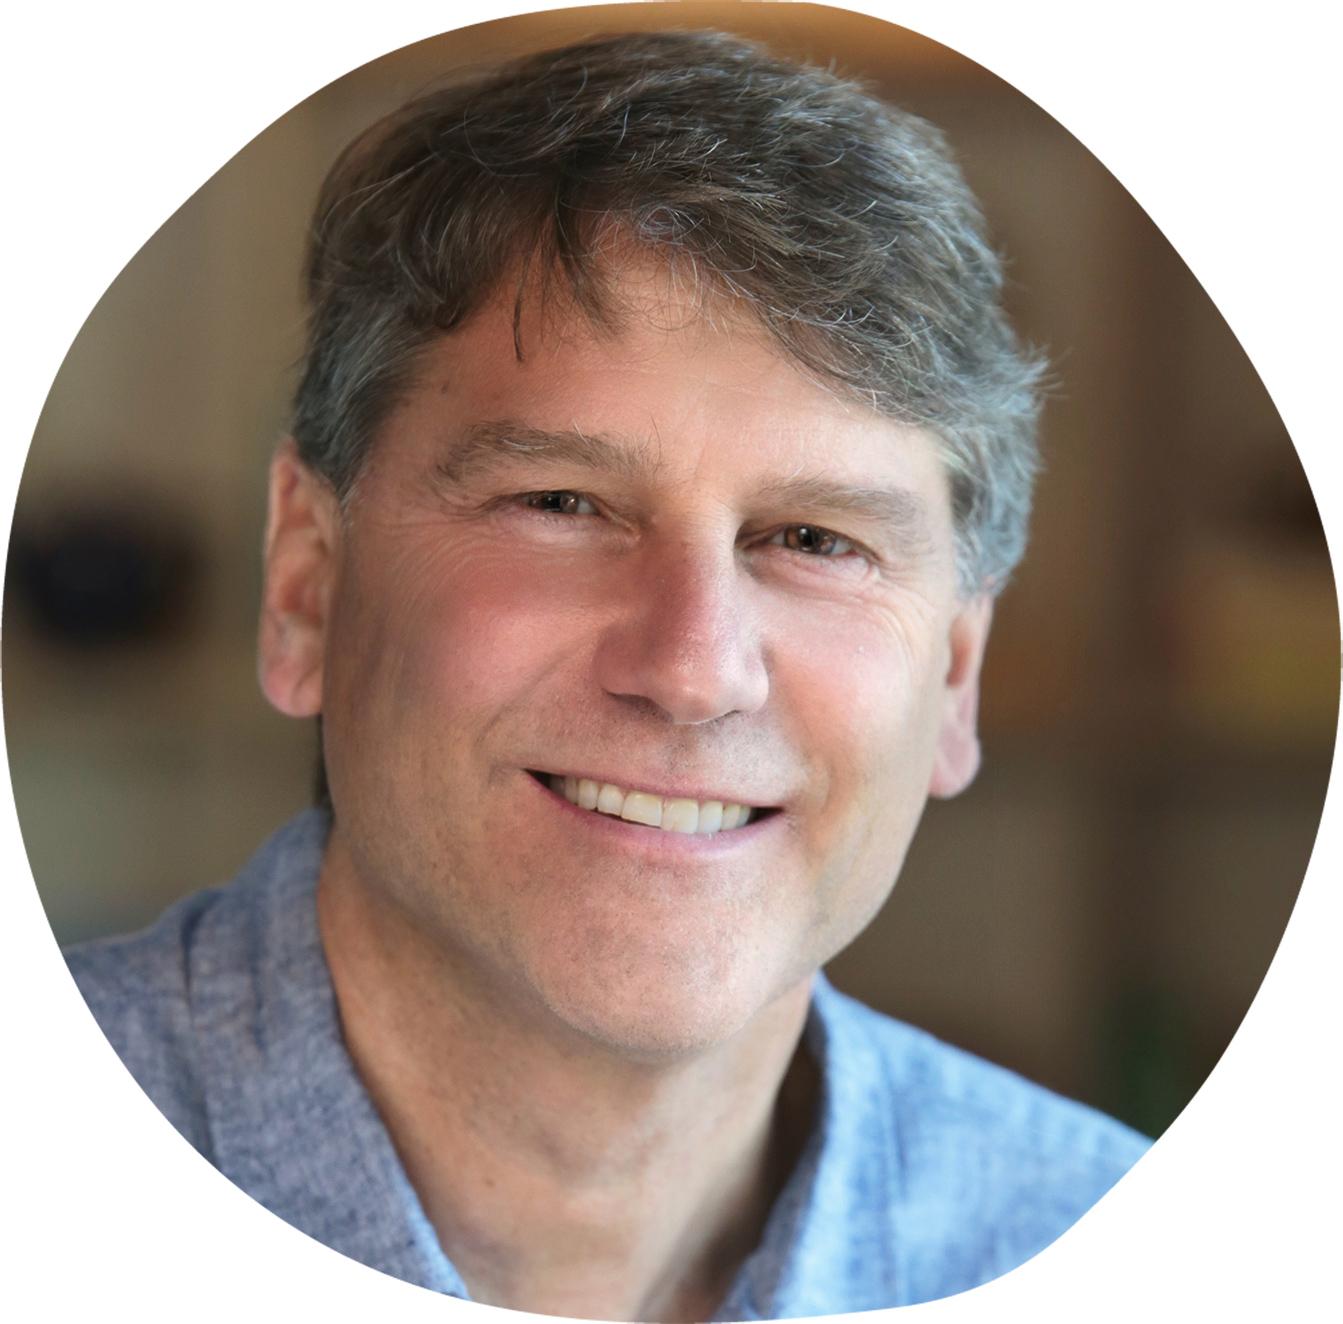 Blair Kellison  CEO, Traditional Medicinals